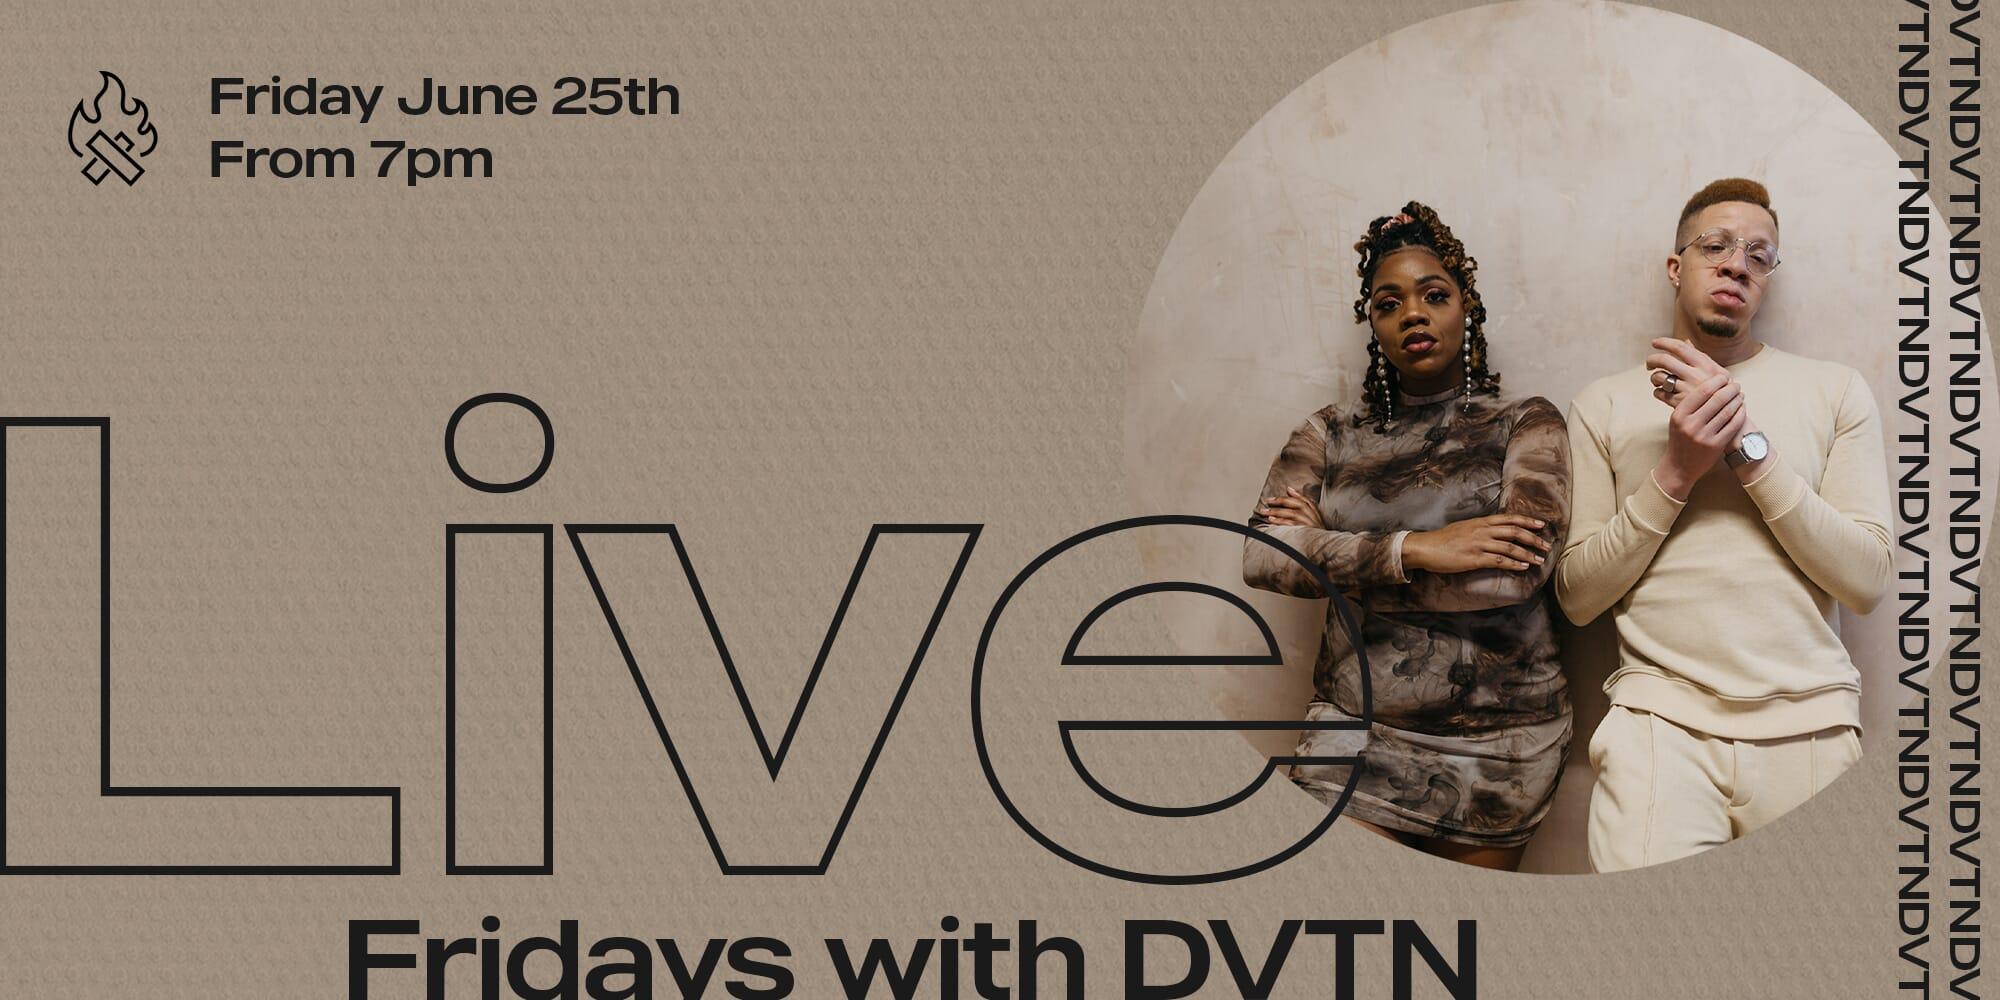 Live DVTN